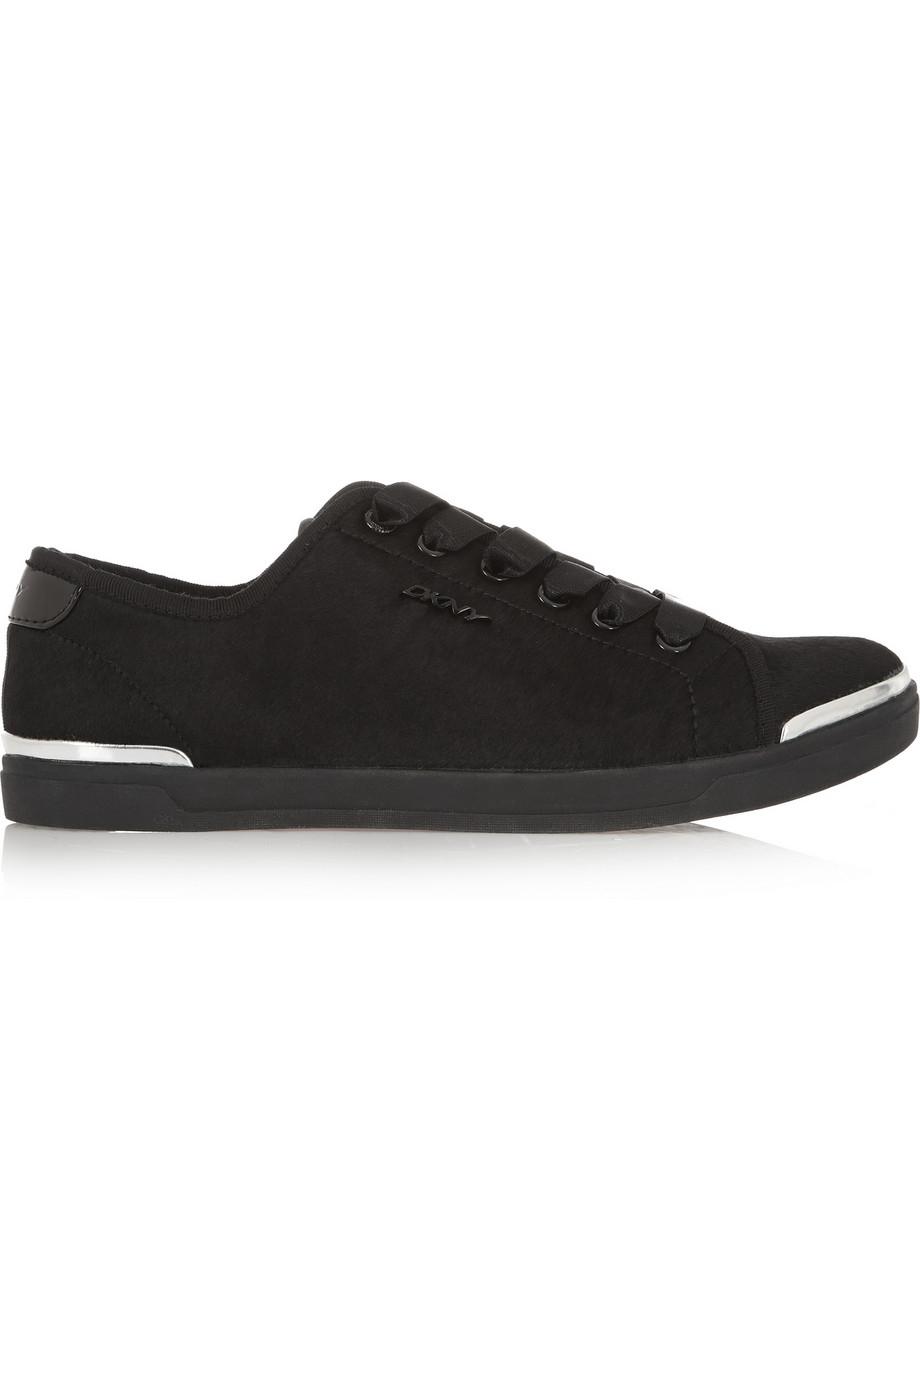 DKNY Bronwyn Calf Hair Sneakers in Black